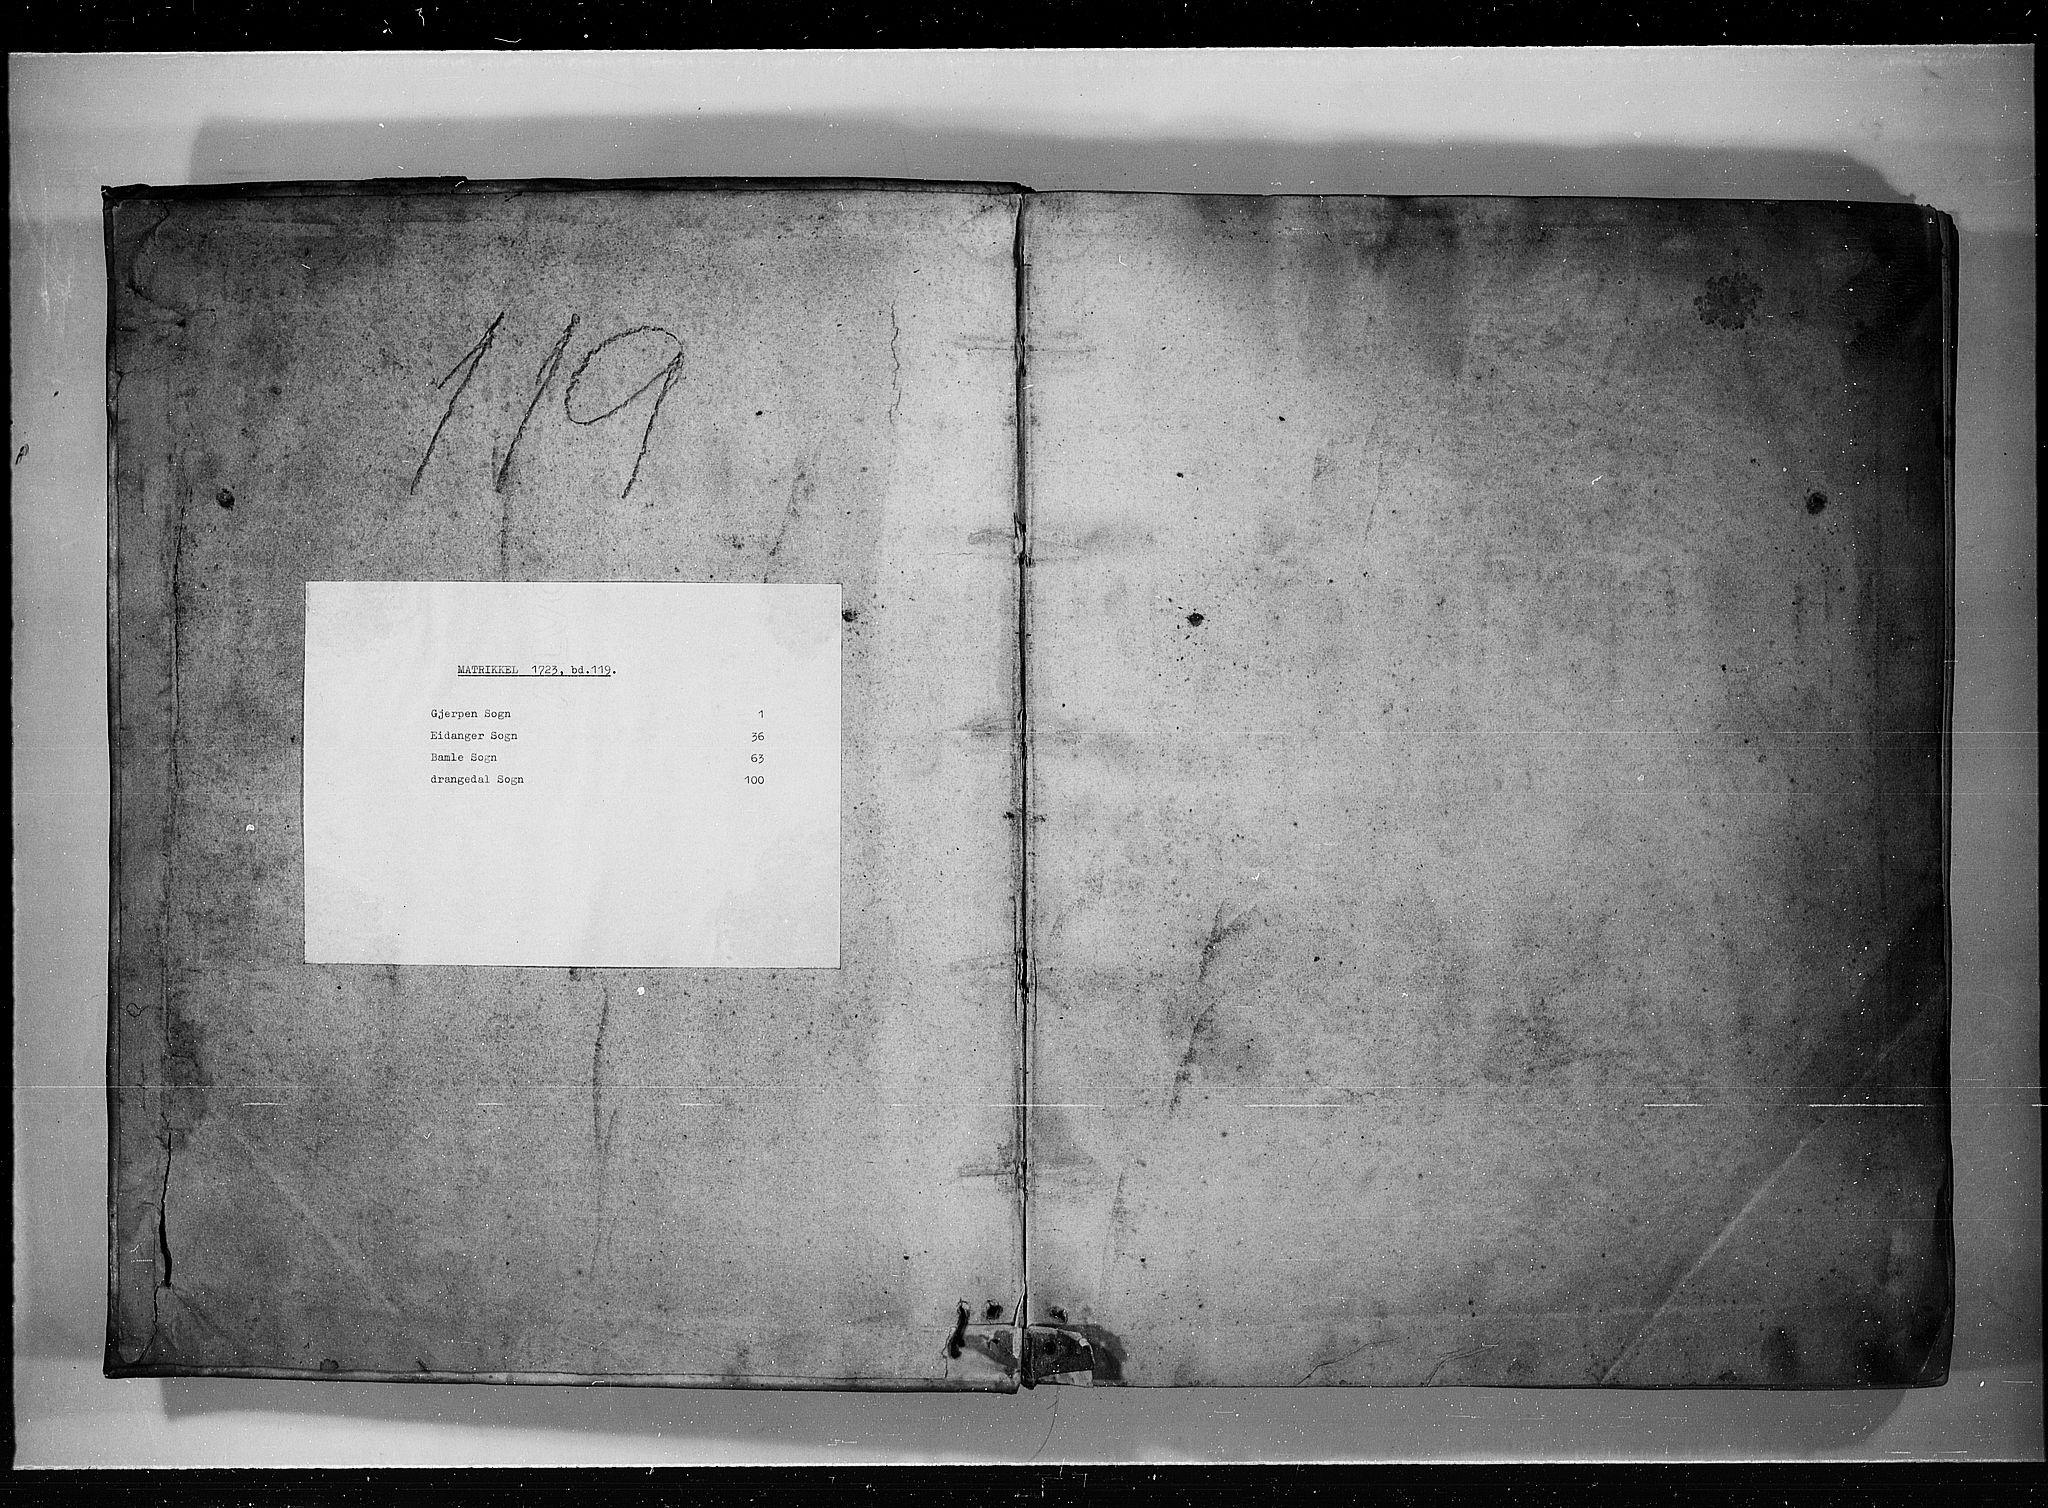 RA, Rentekammeret inntil 1814, Realistisk ordnet avdeling, N/Nb/Nbf/L0119: Bamble eksaminasjonsprotokoll, 1723, s. upaginert